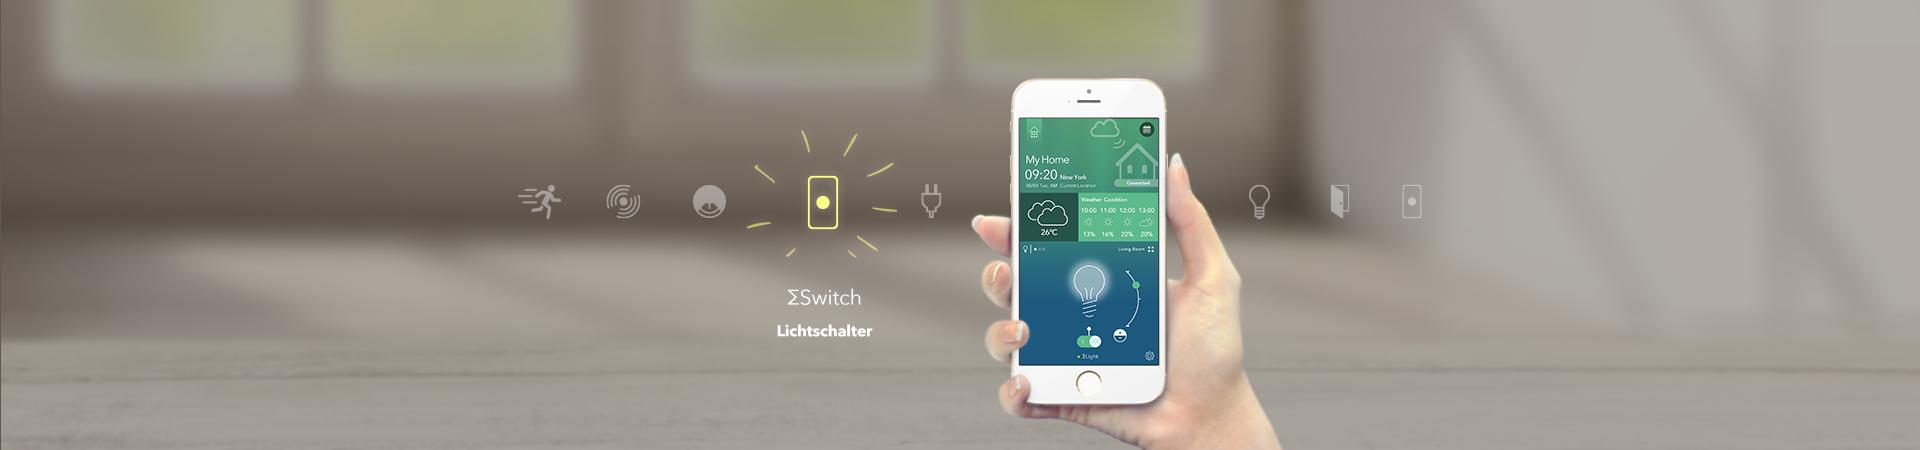 switch_de